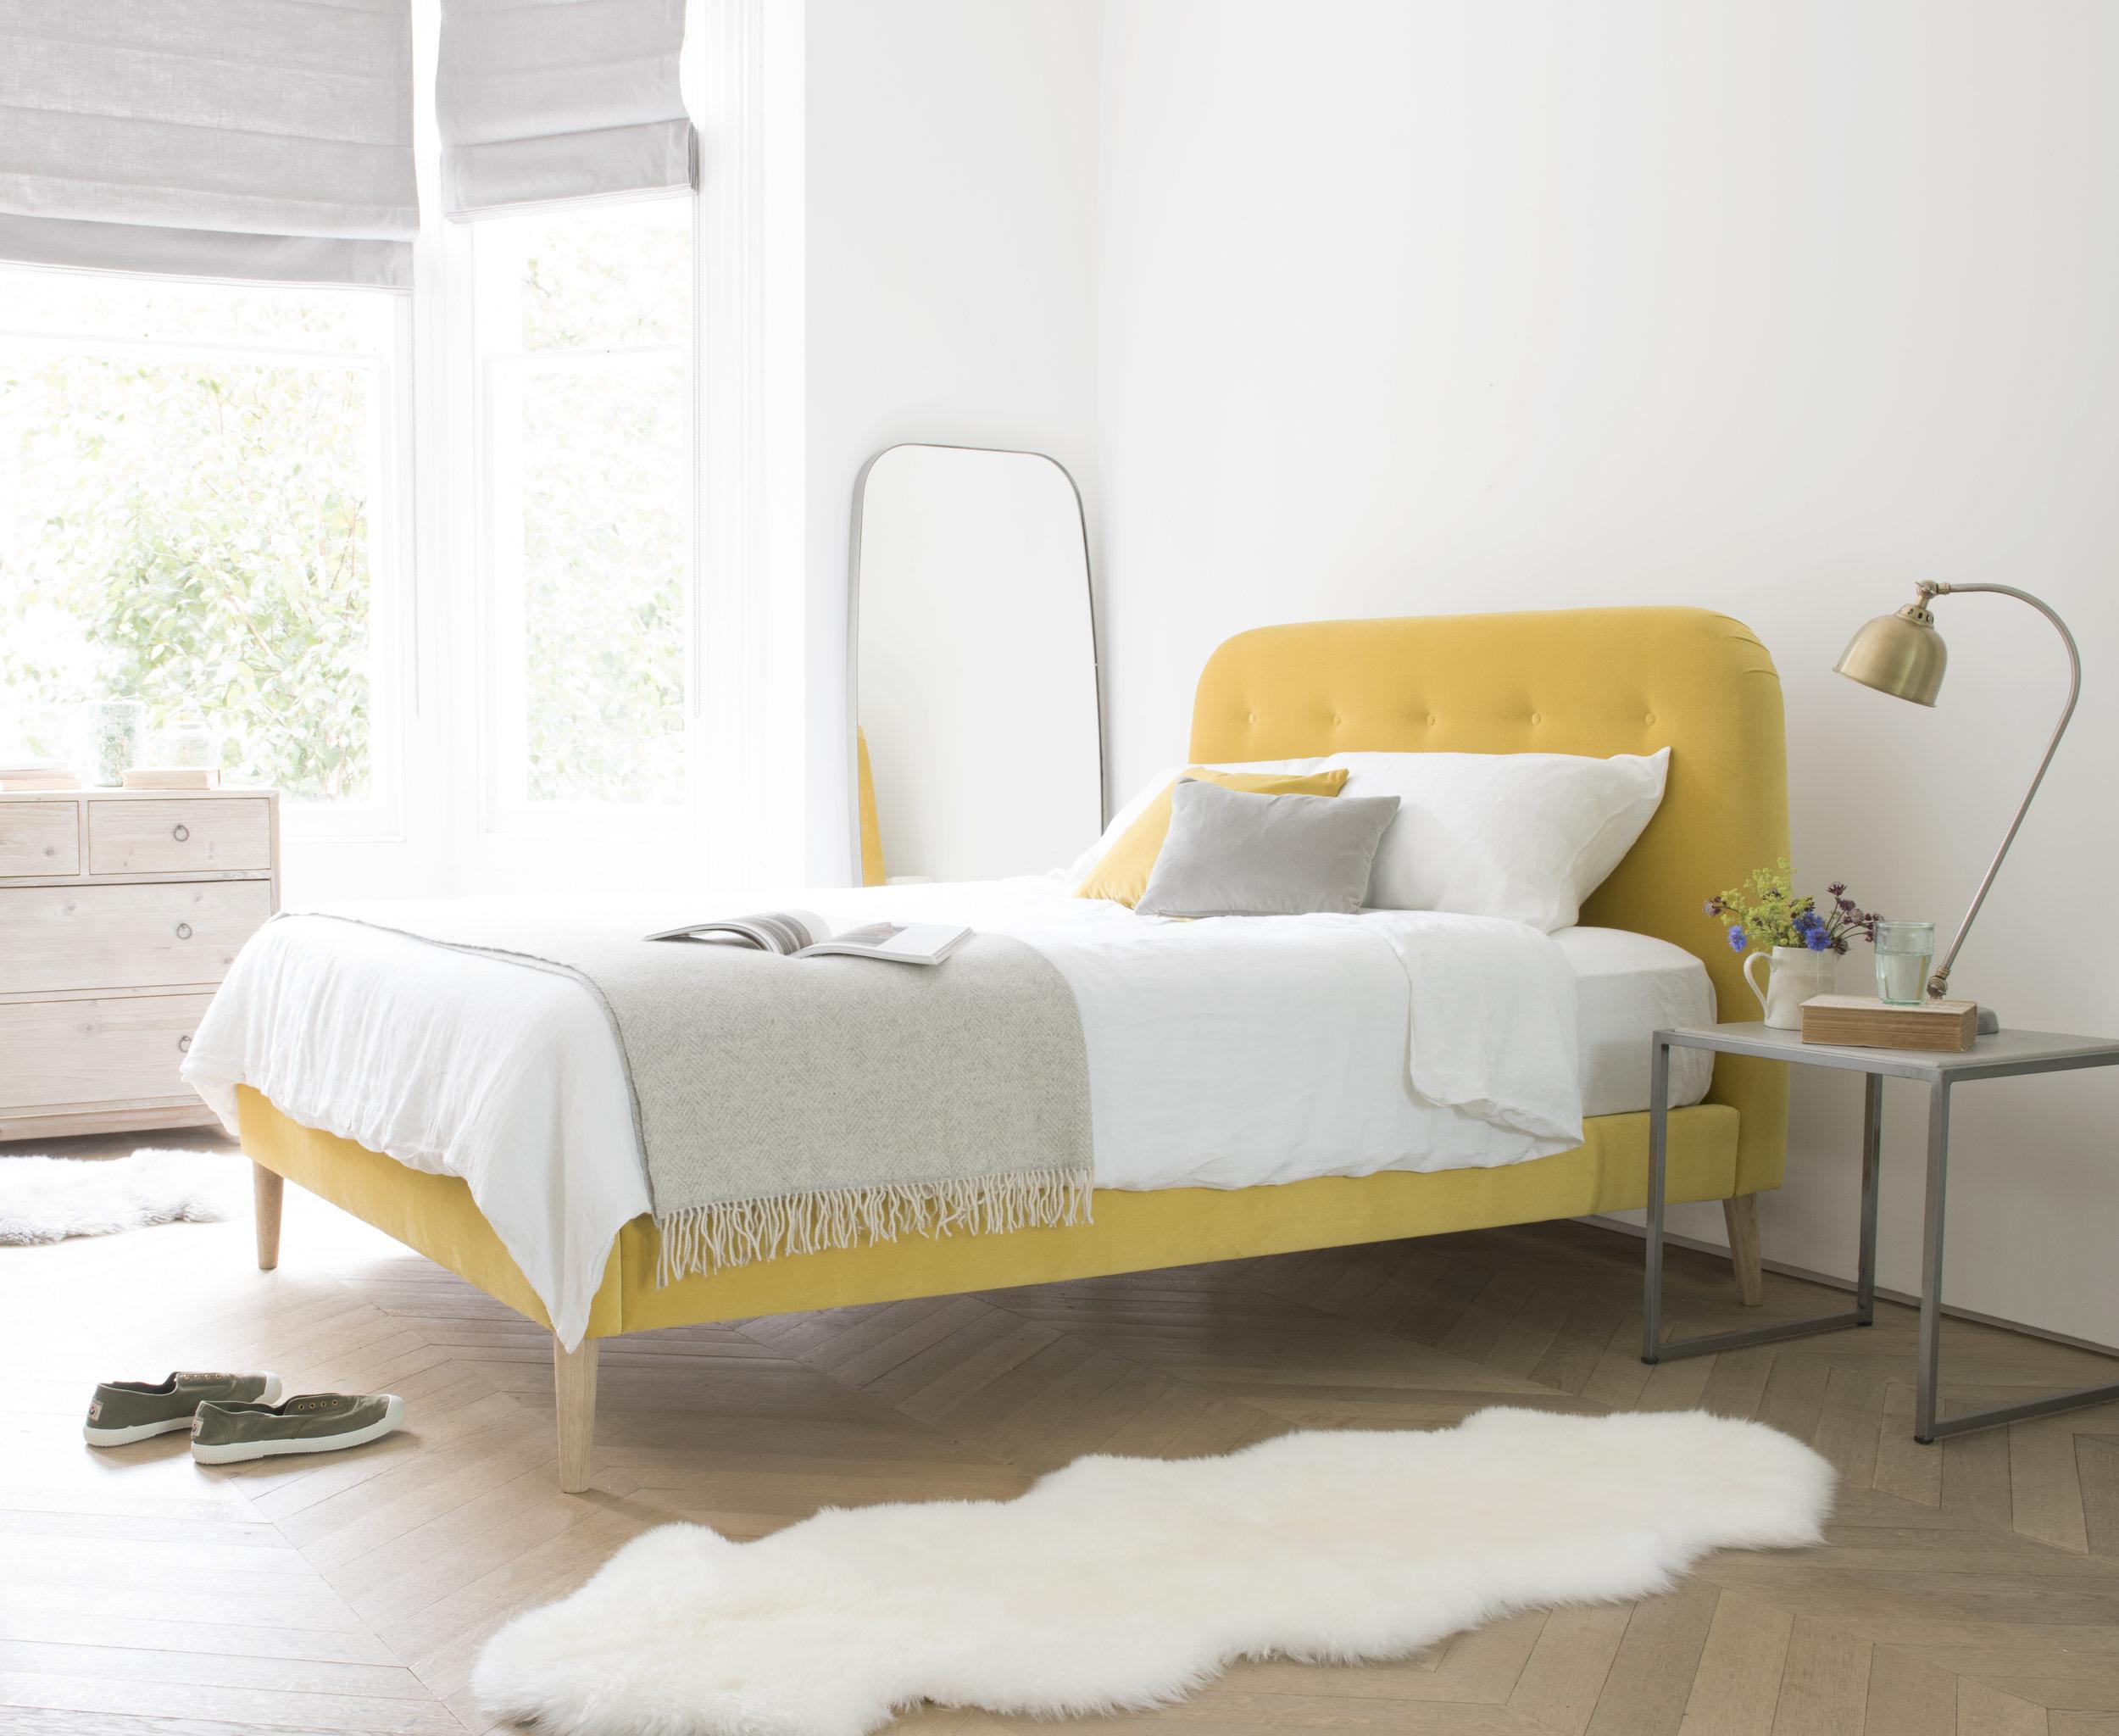 Napper bed in Bumblebee clever velvet - Loaf